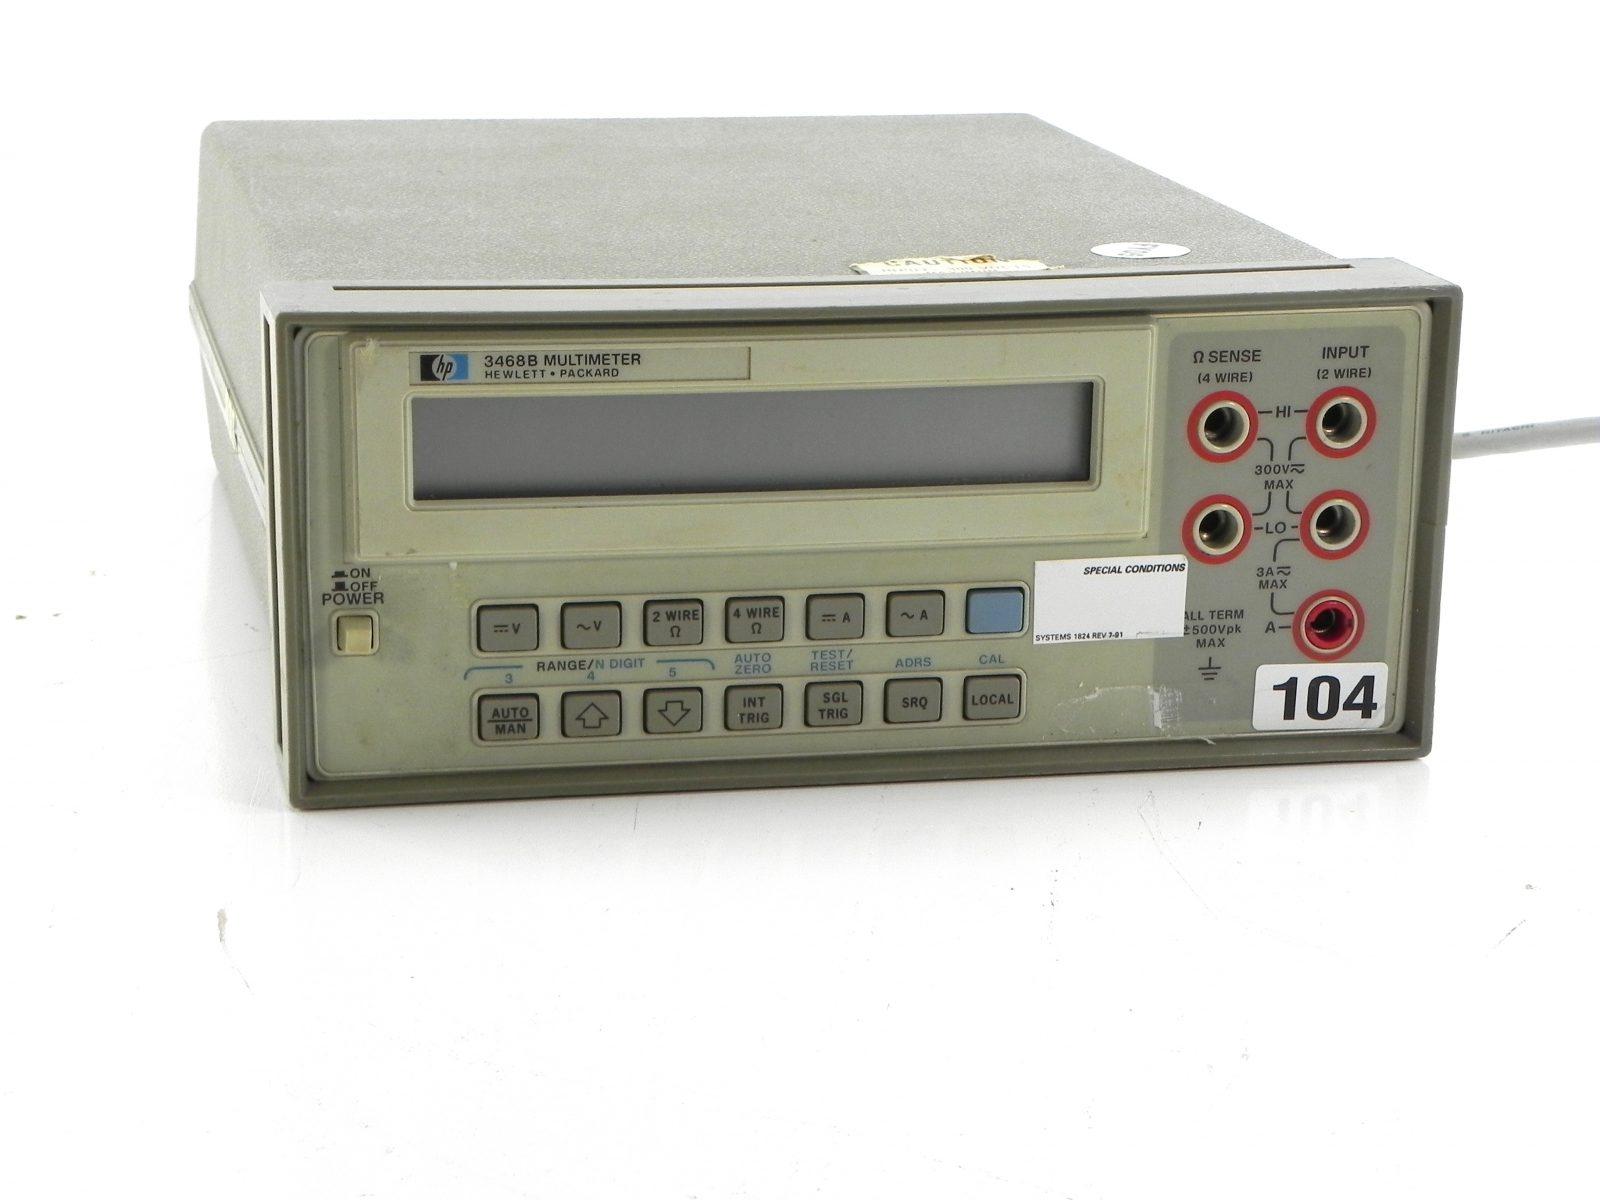 Agilent 3468B Multimeter